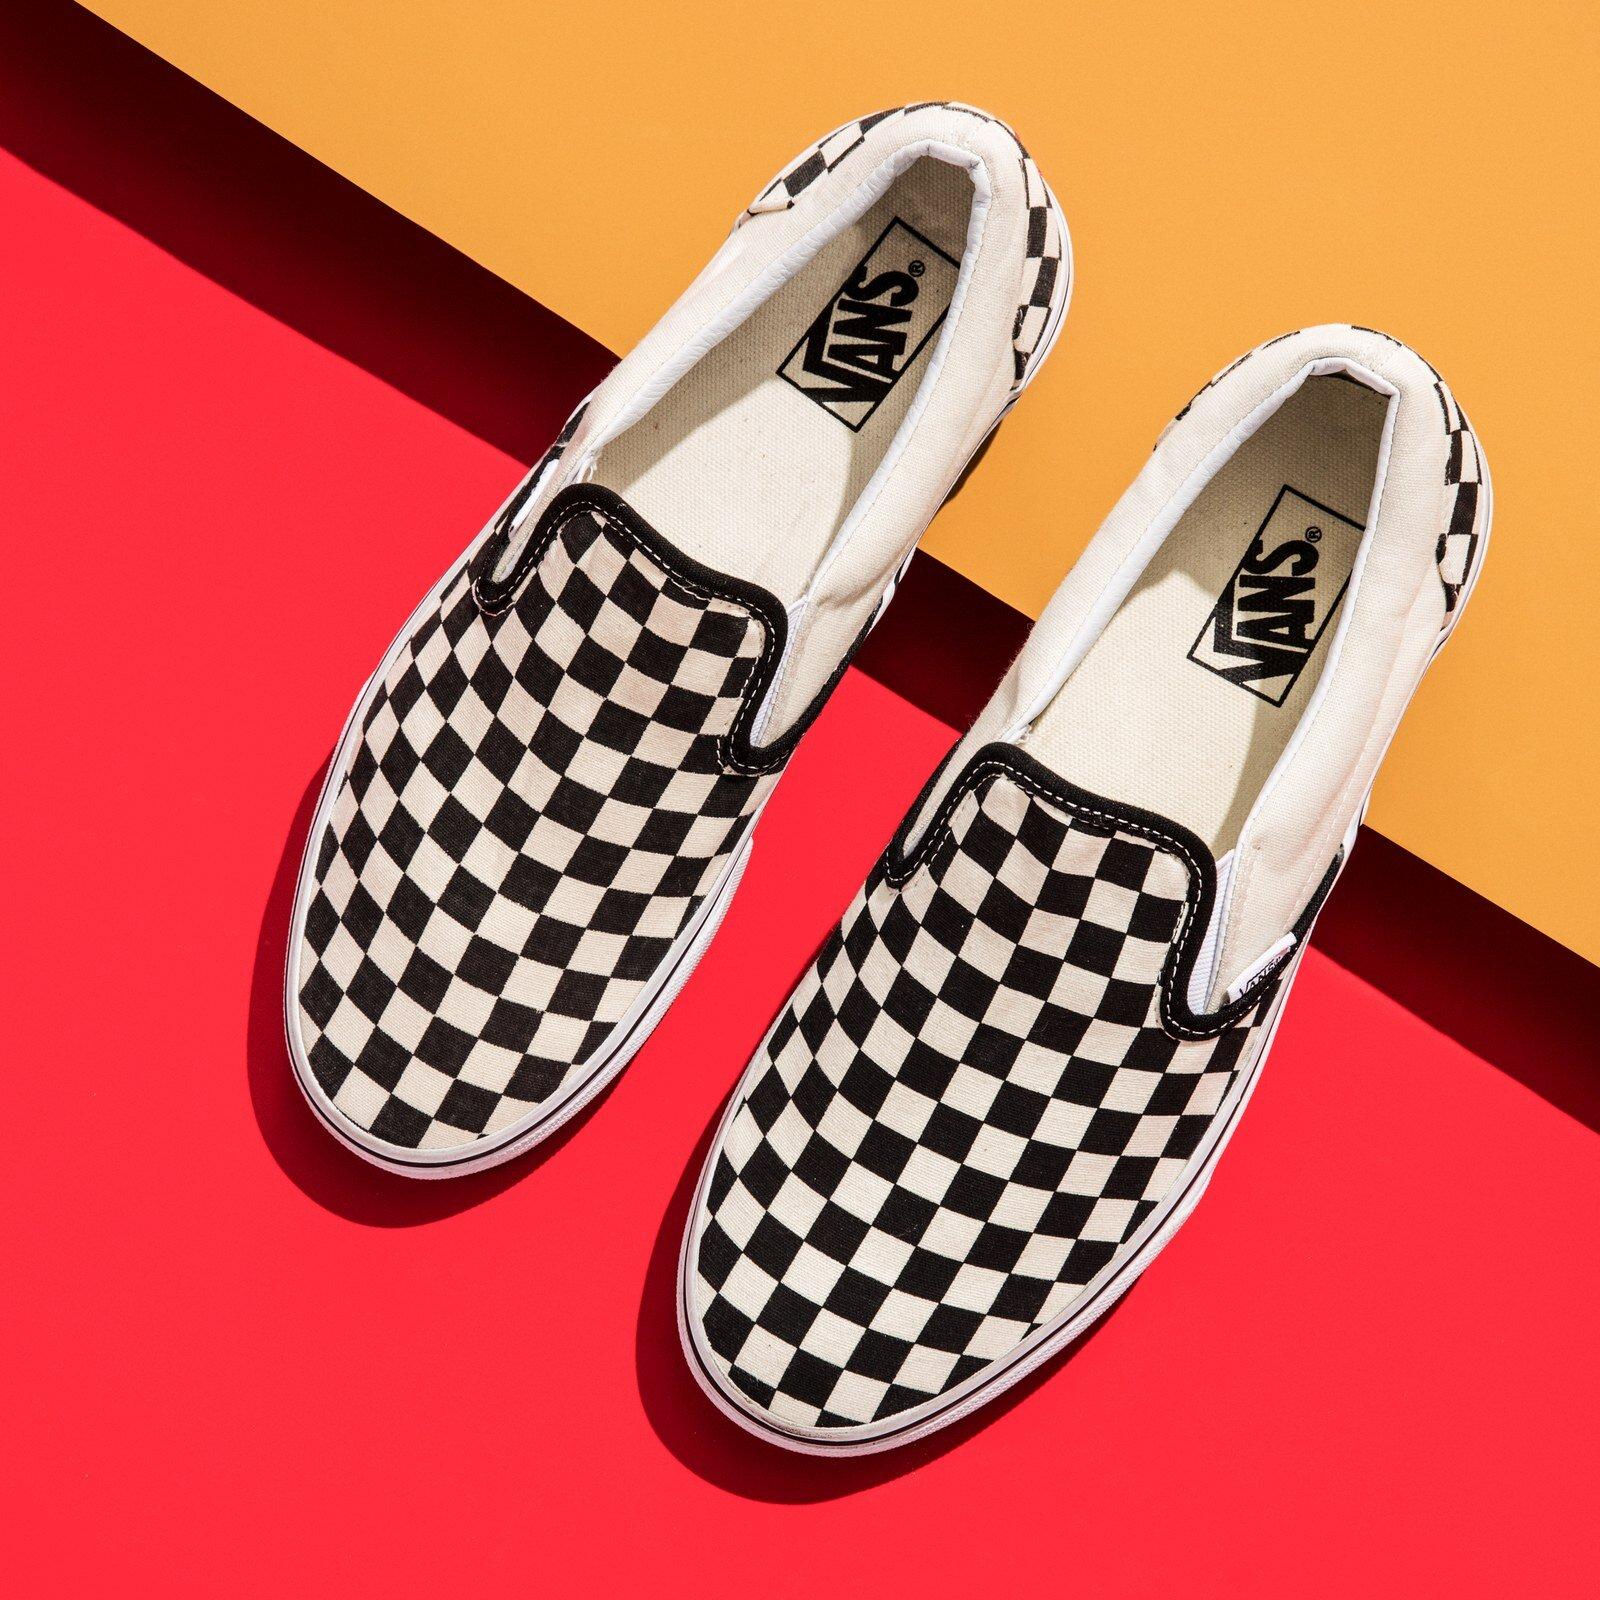 Giày Slip on hoạ tiết sọc giúp đôi chân bạn trở nên nổi bật nhưng vẫn rất đơn giản và tinh tế